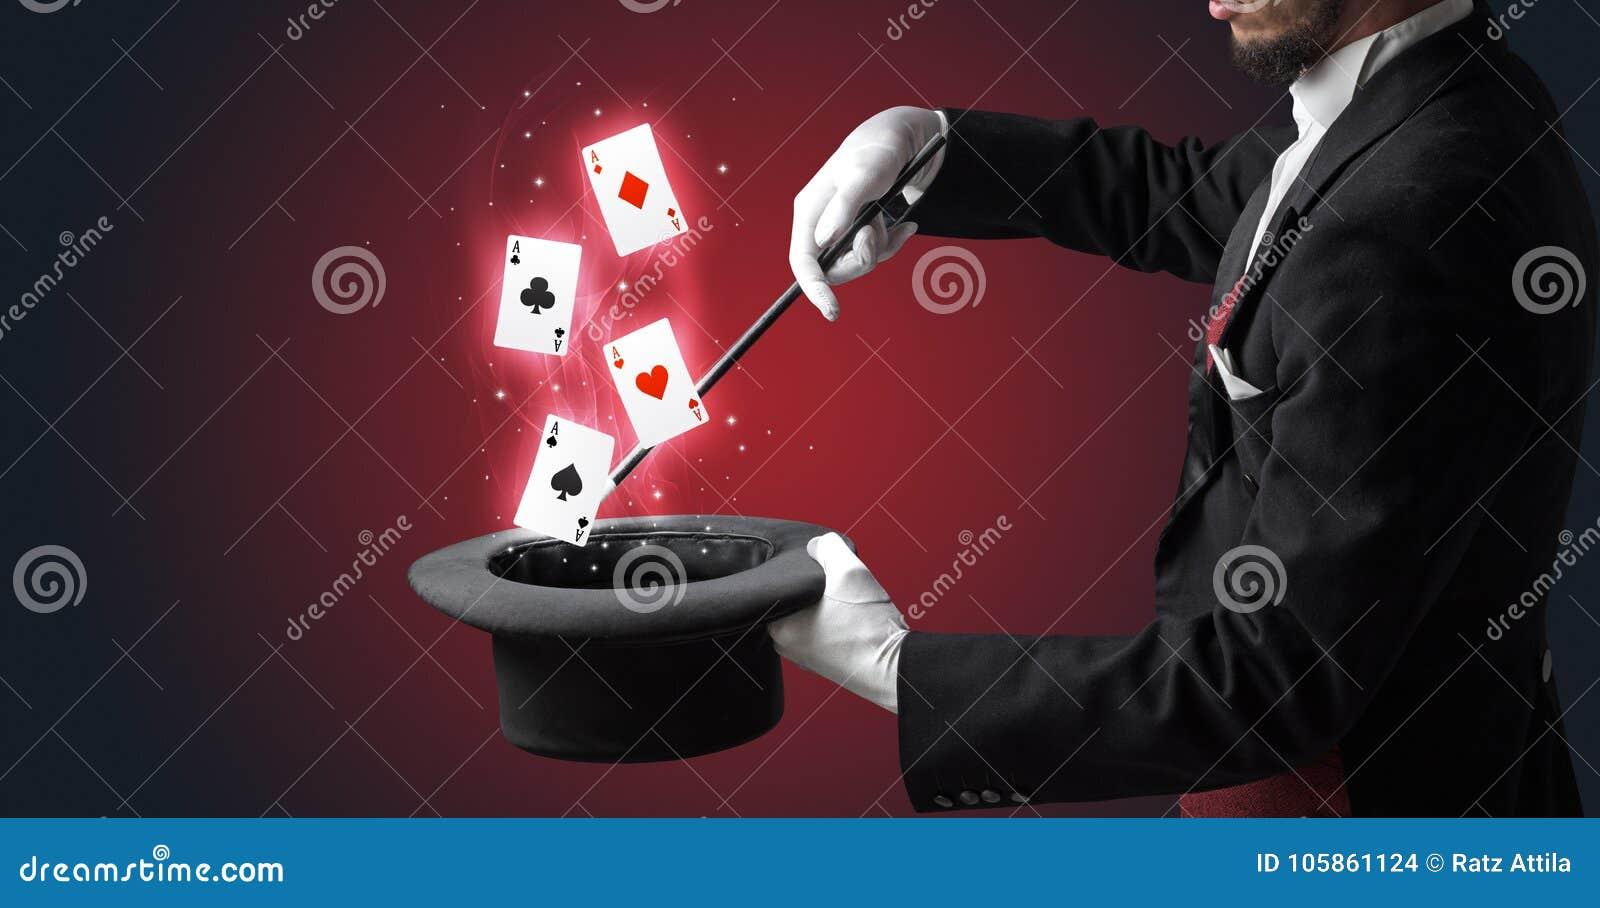 Magik robi sztuczce z różdżką i karta do gry